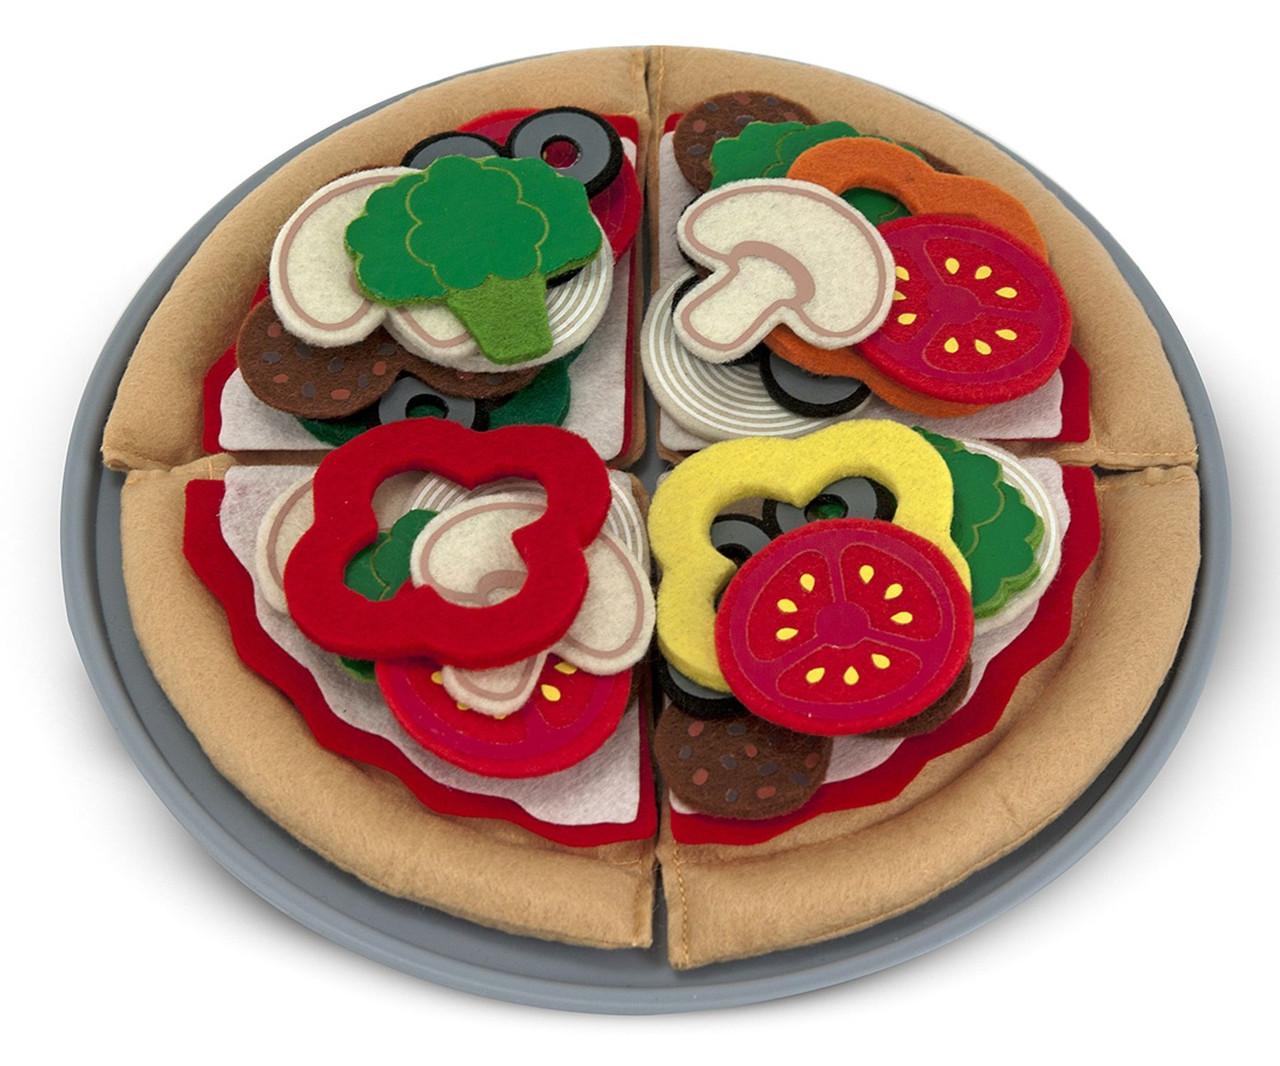 Ігровий повстяний набір Піца & Doug (MD13974)